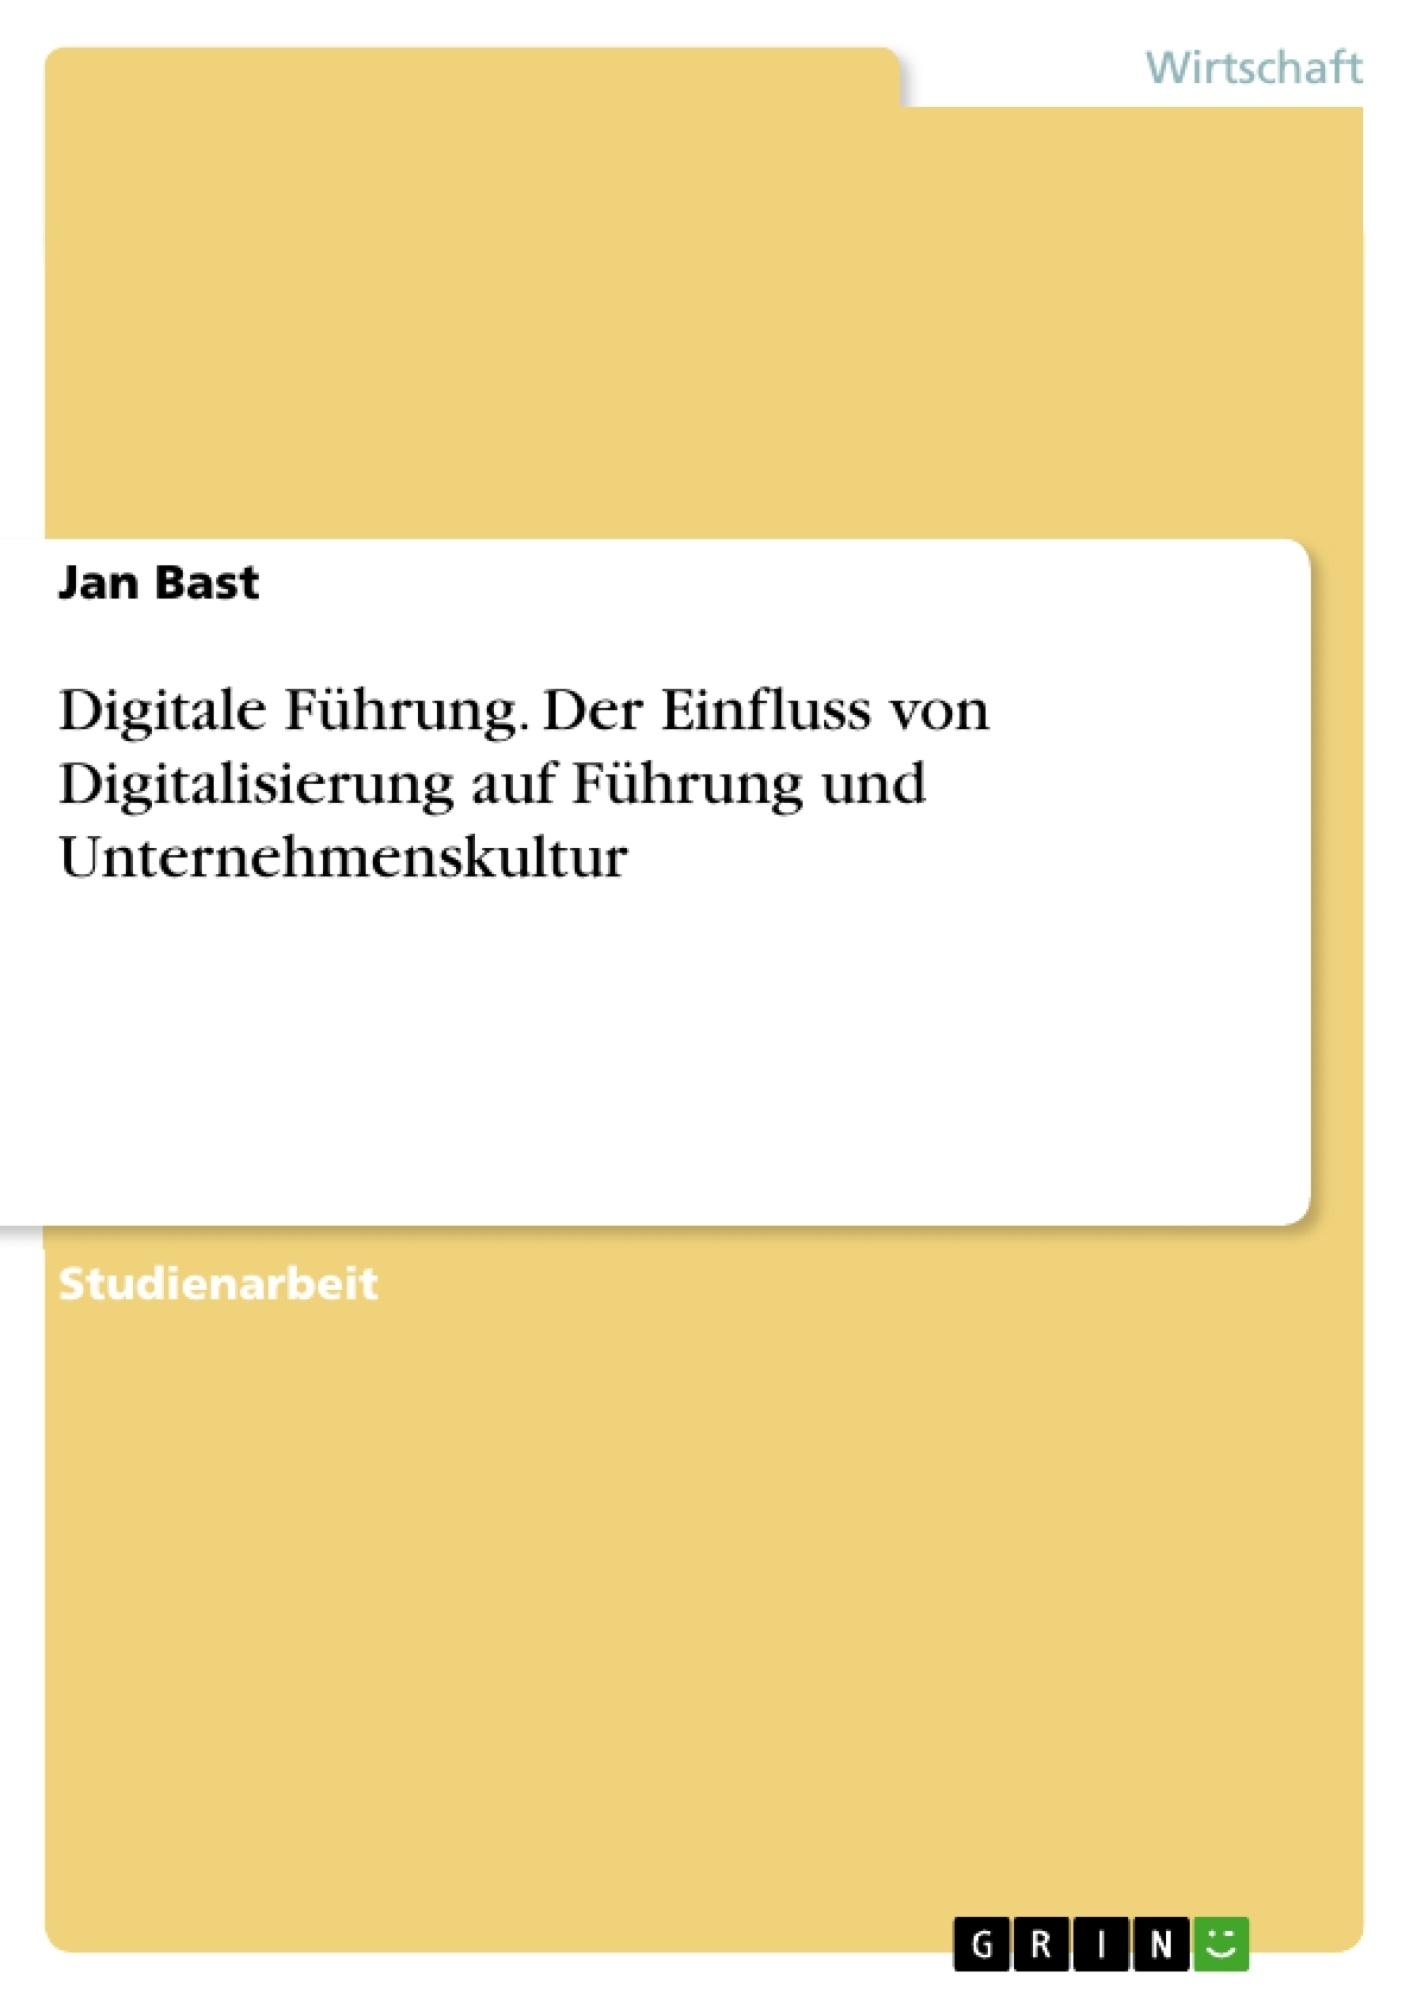 Titel: Digitale Führung. Der Einfluss von Digitalisierung auf Führung und Unternehmenskultur